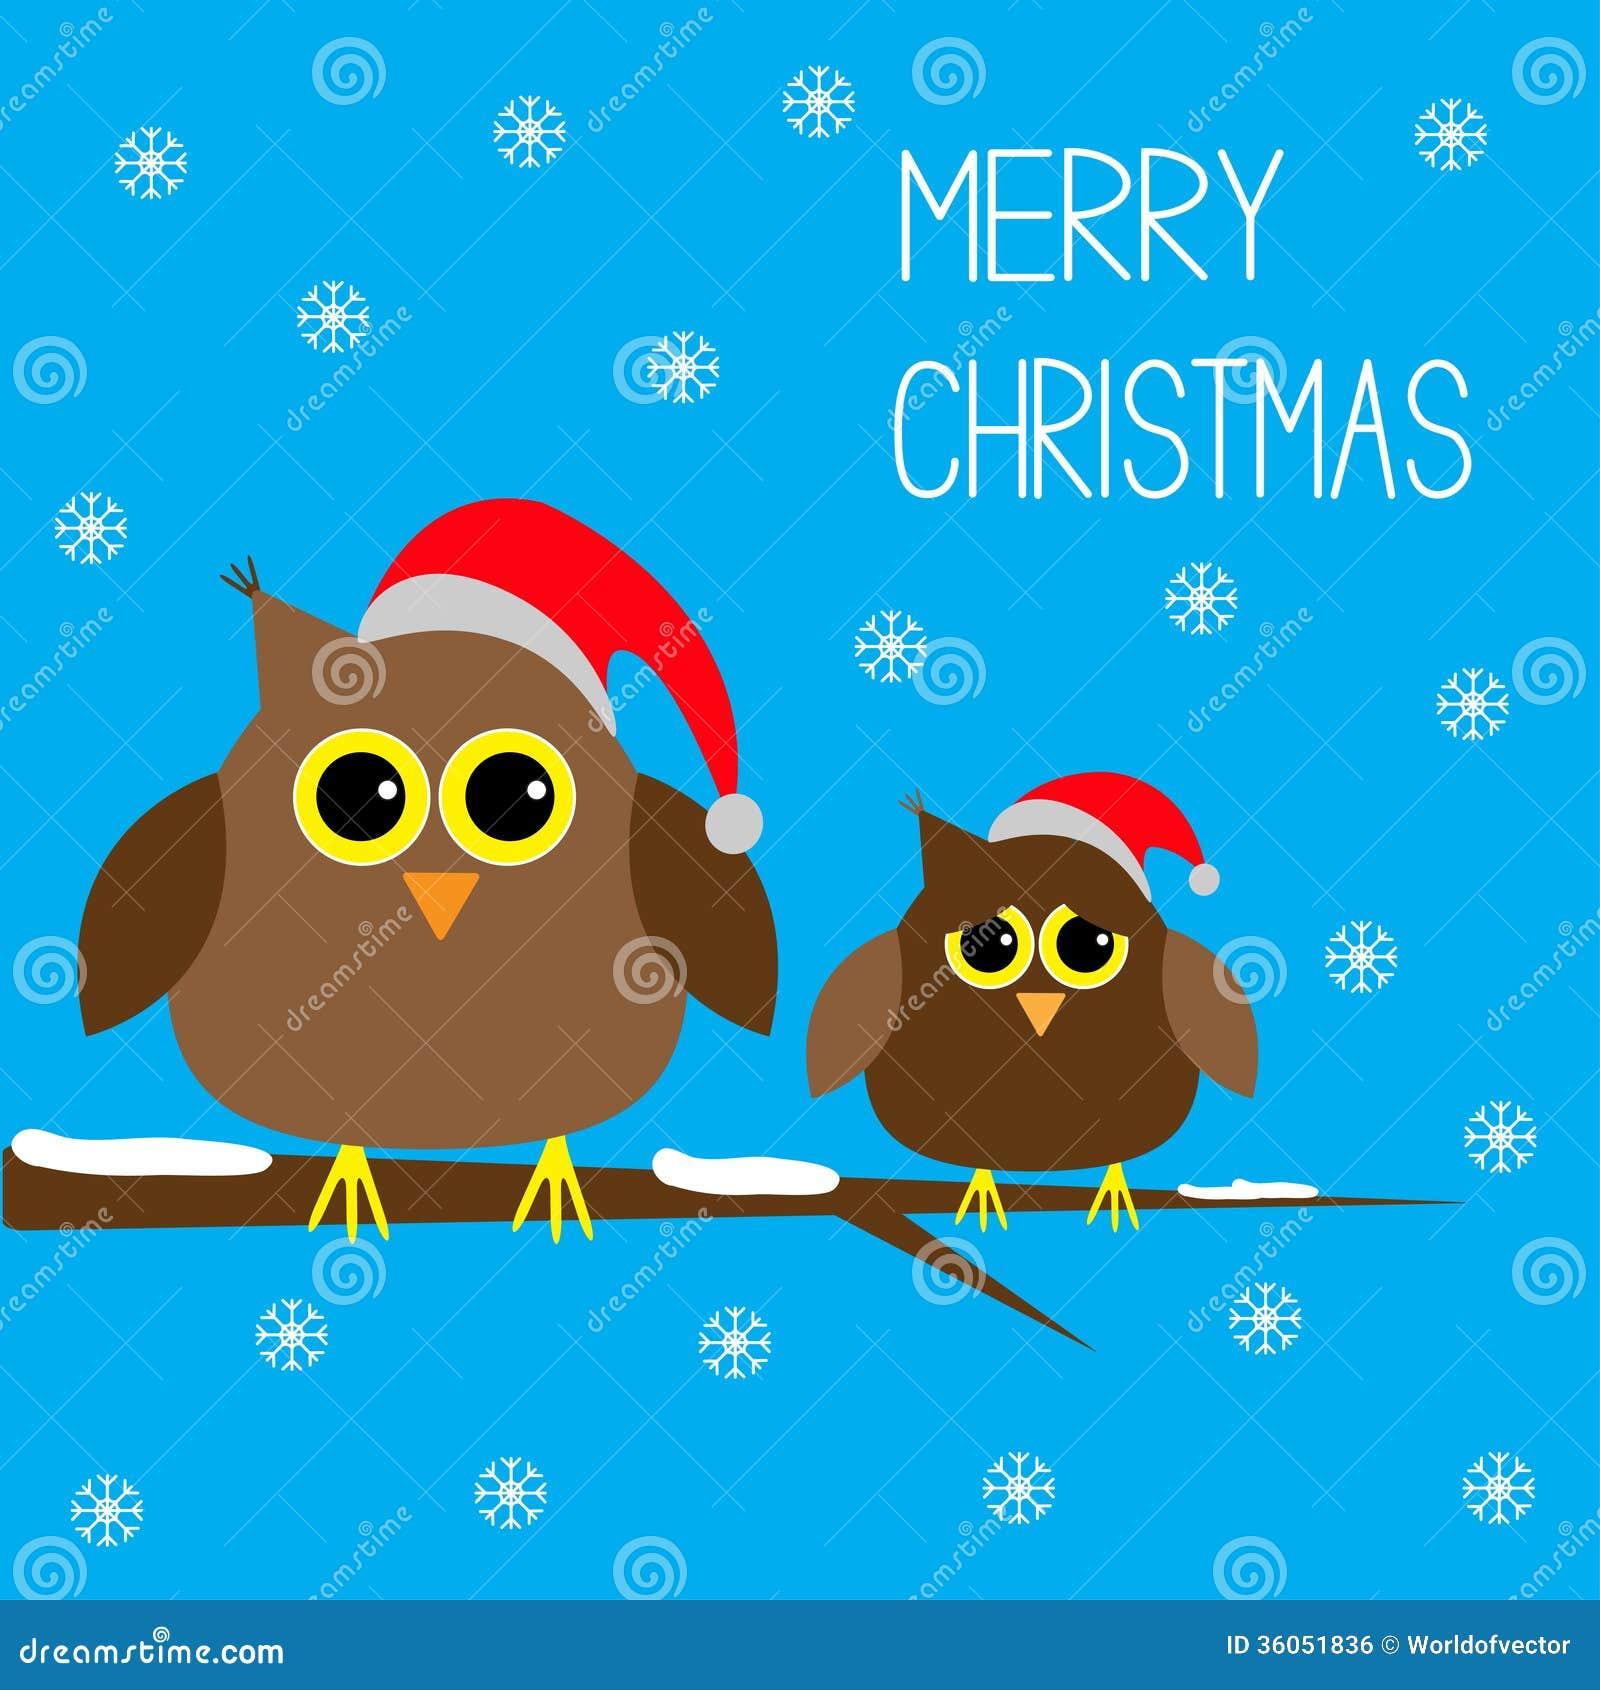 cute cartoon christmas reindeer